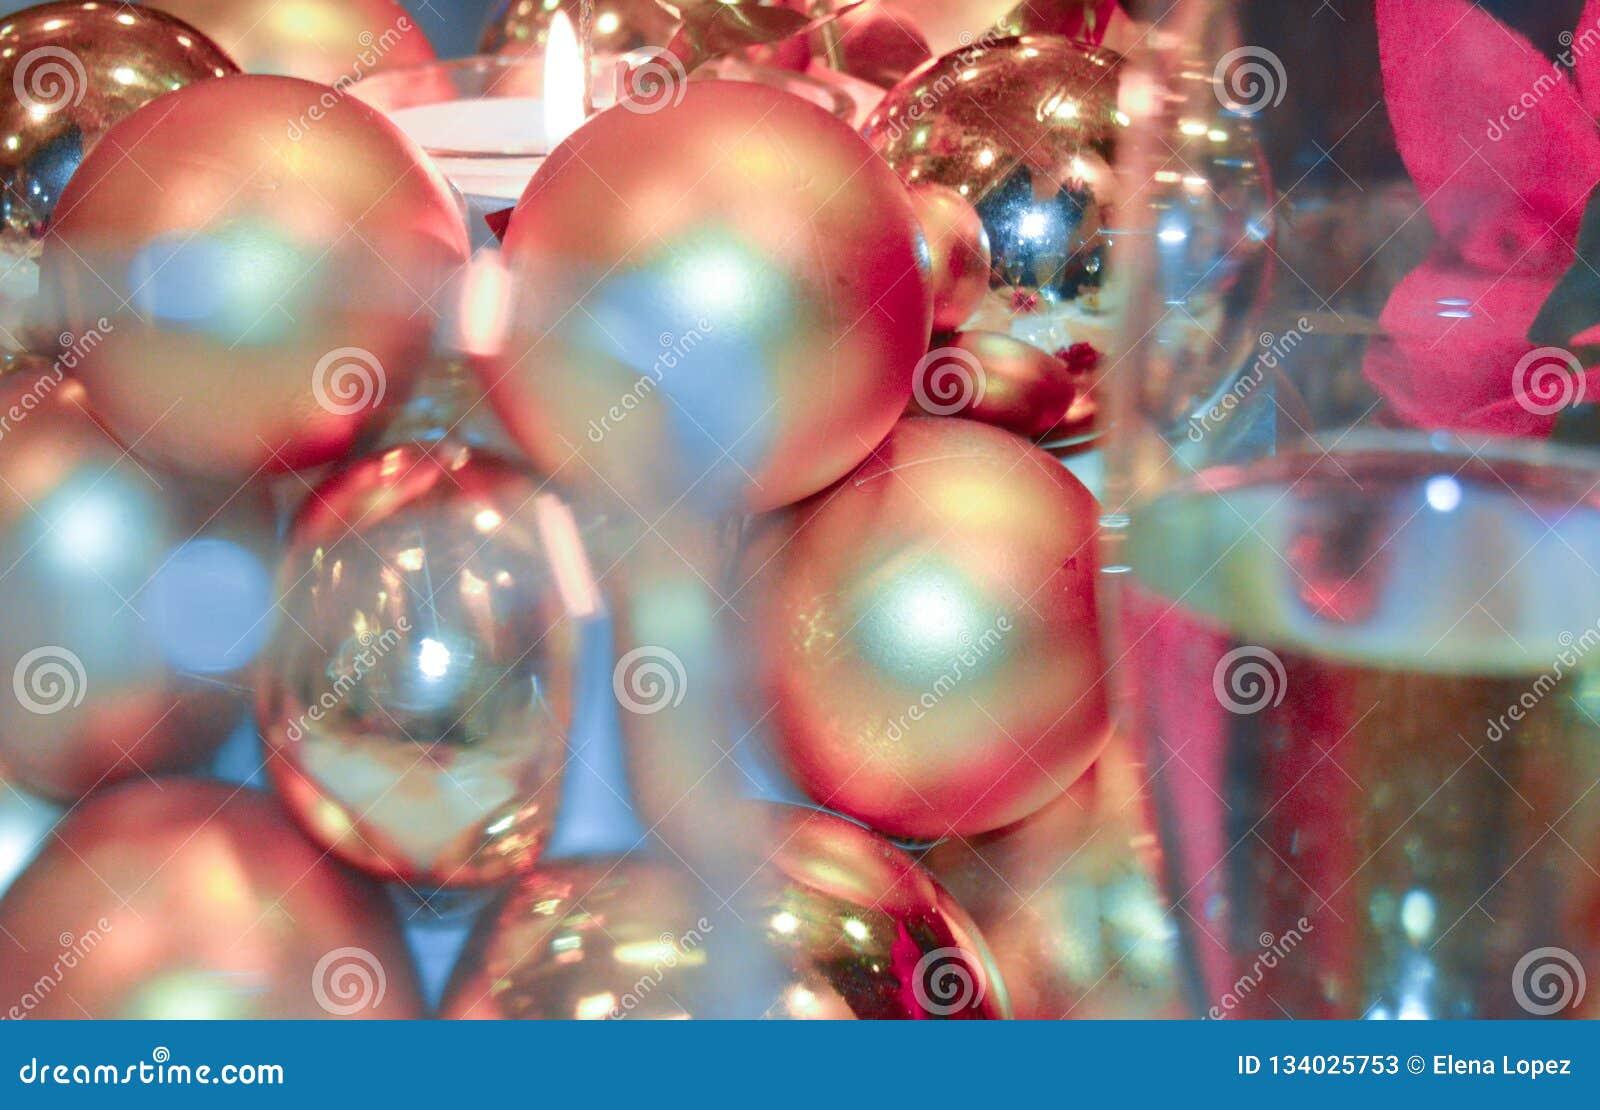 圣诞节装饰蜡烛和香槟